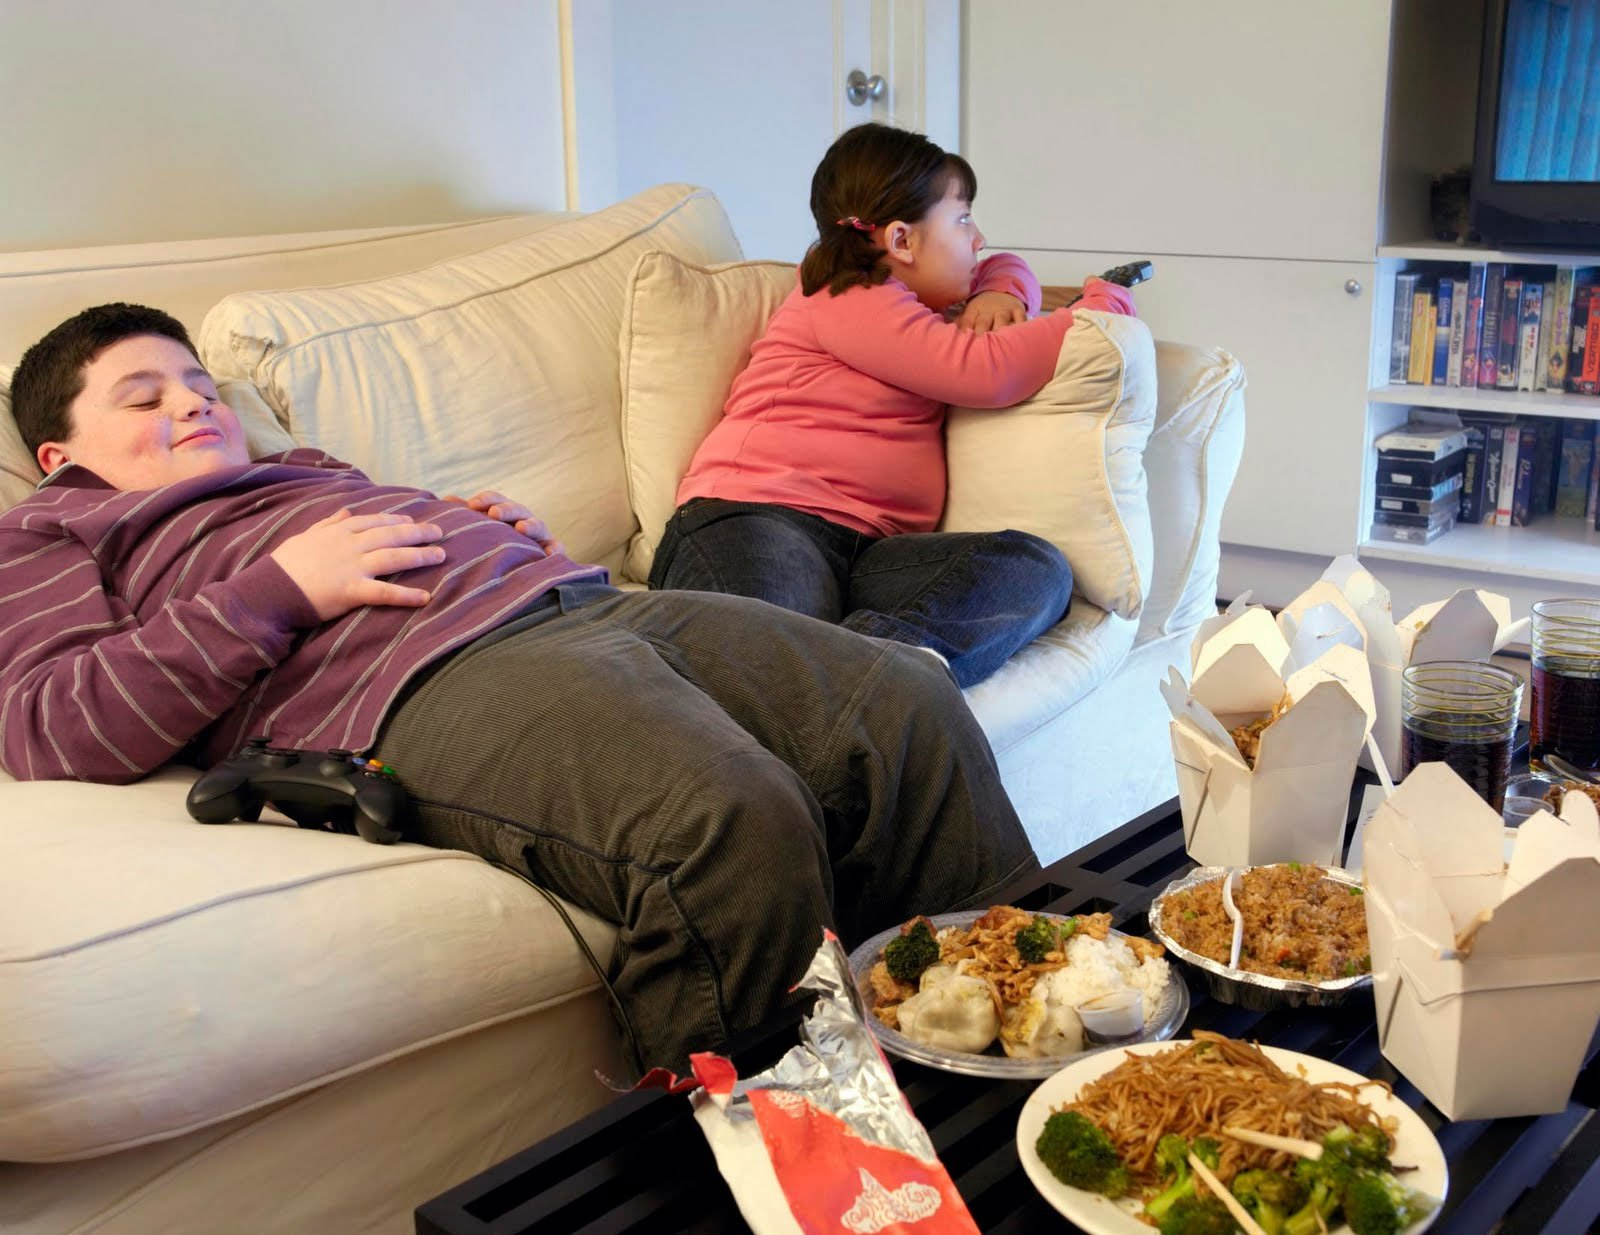 Смотря телевизор, остерегайтесь пищи! Вы не заметите, что сыты, если ваше внимание будет сконцентрировано на нем!